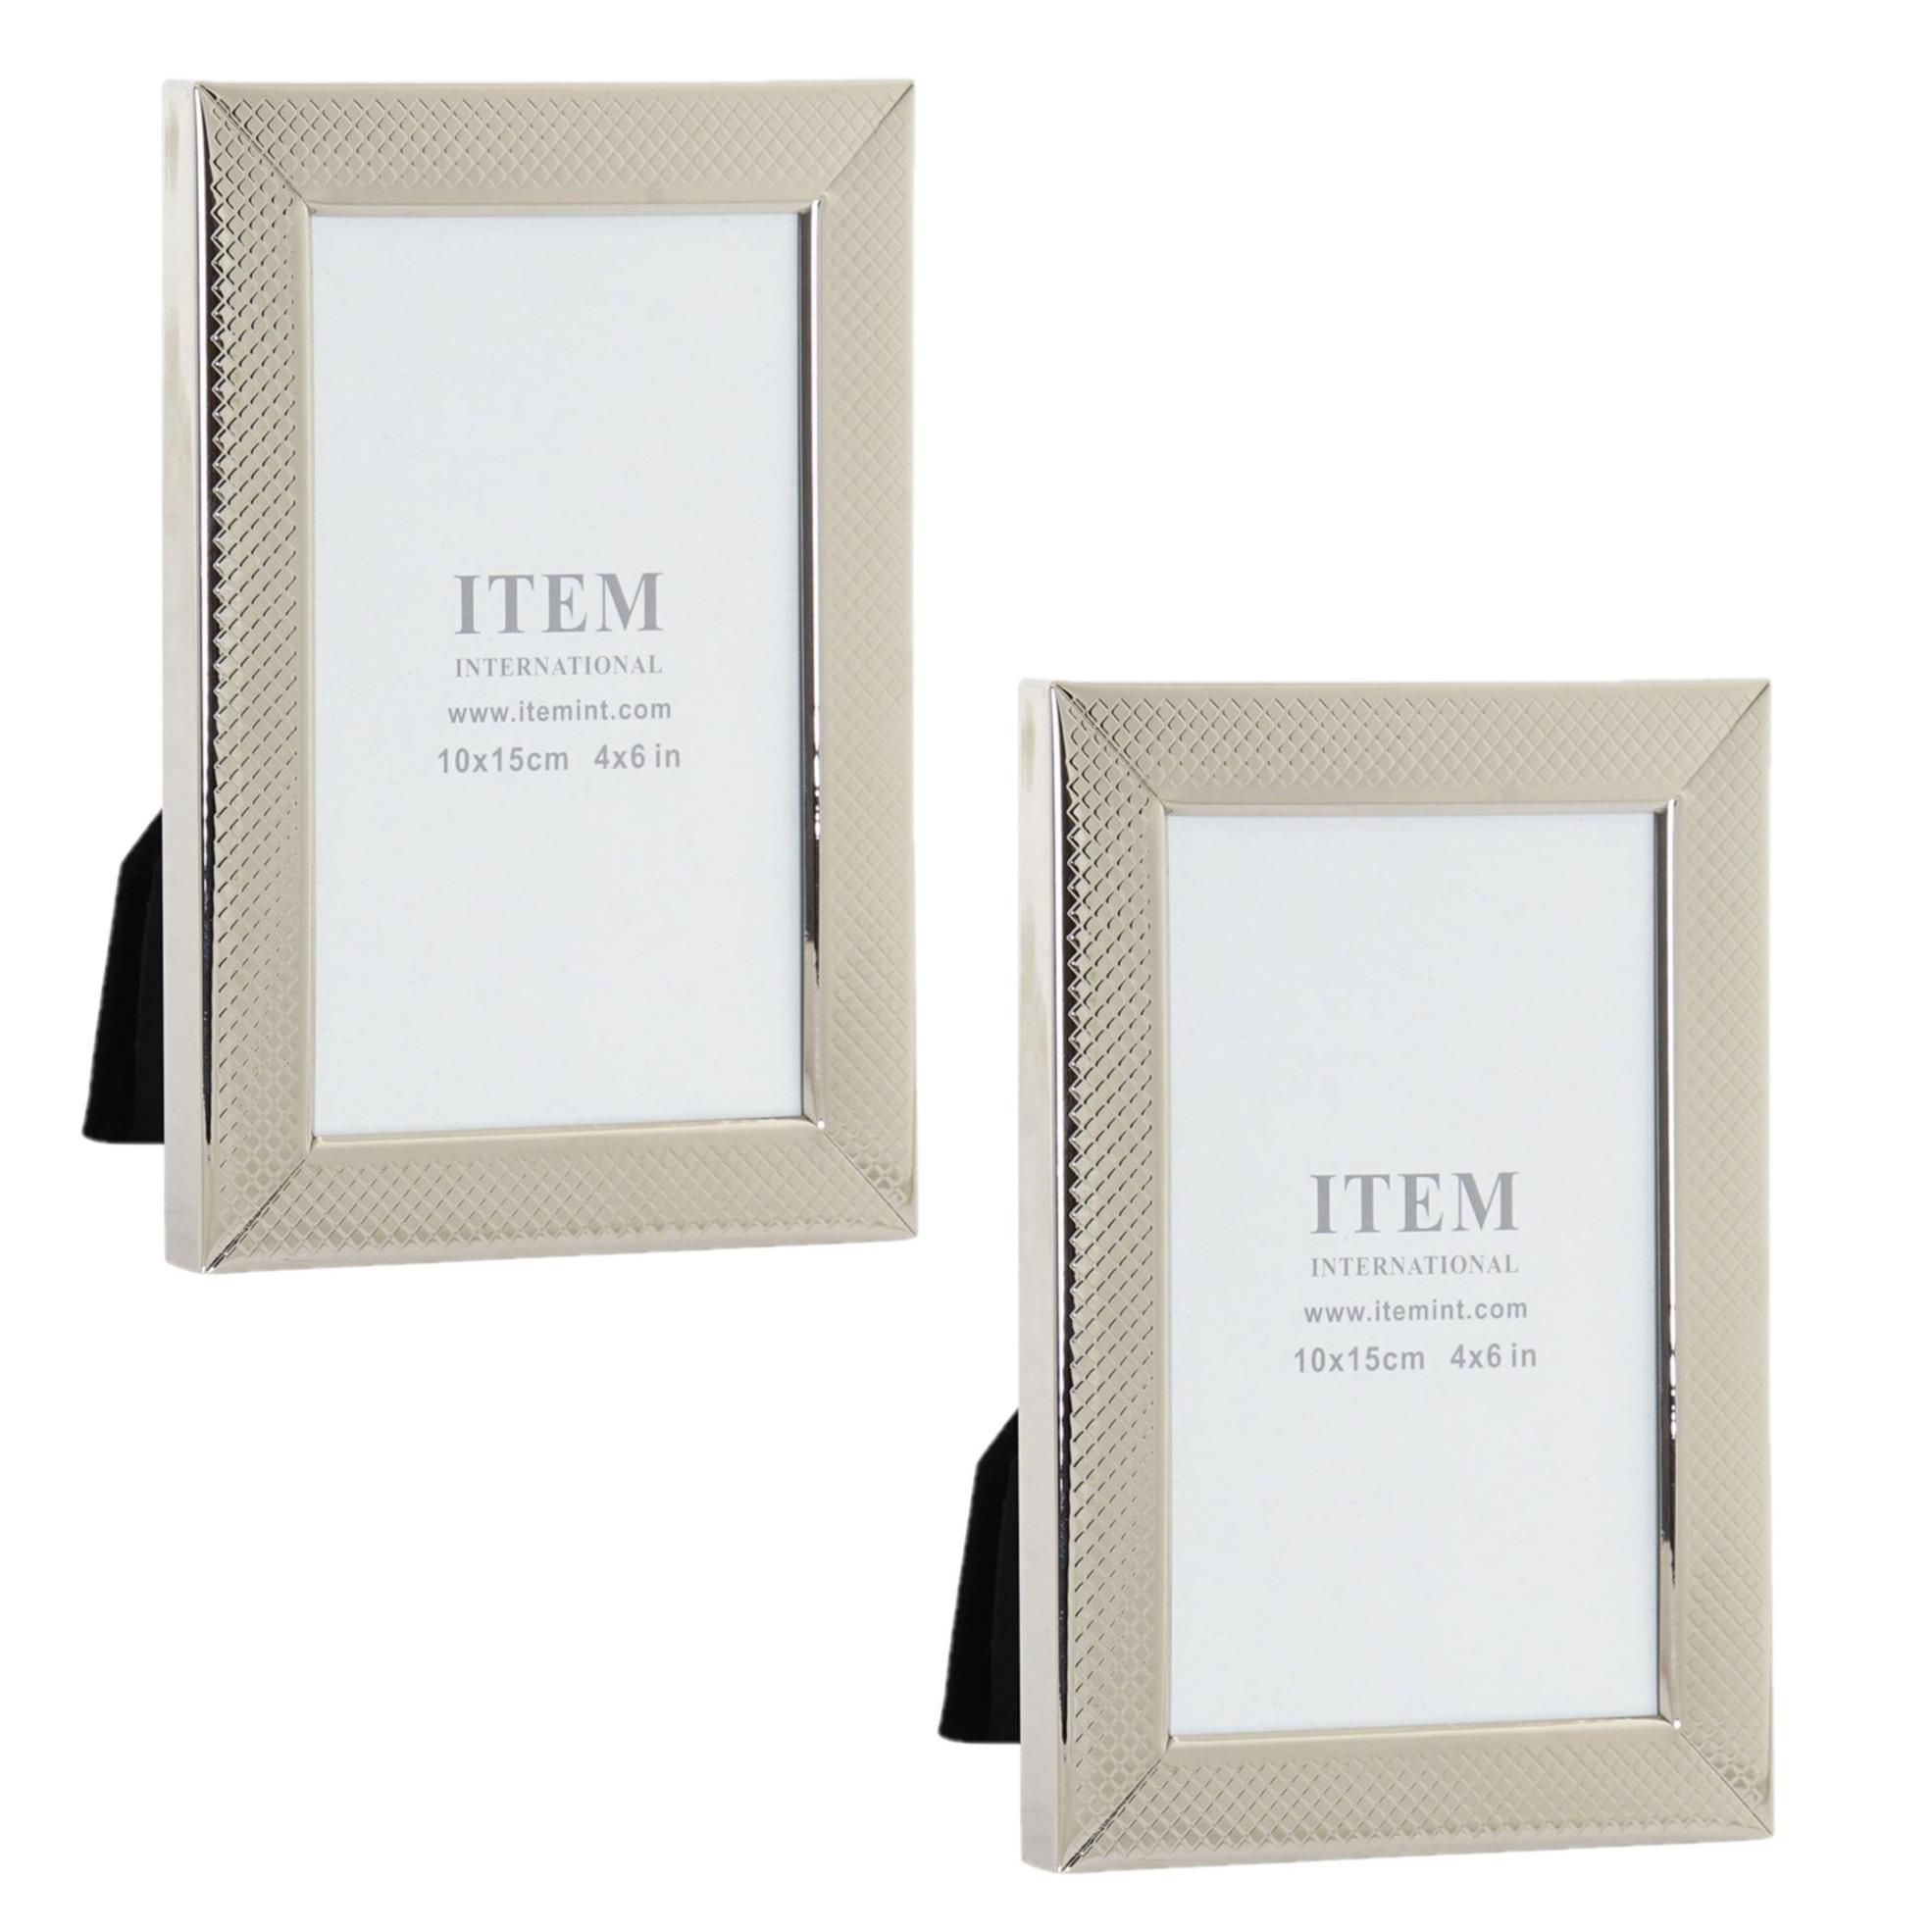 2x stuks fotolijstjes zilver geschikt voor een foto van 10 x 15 cm